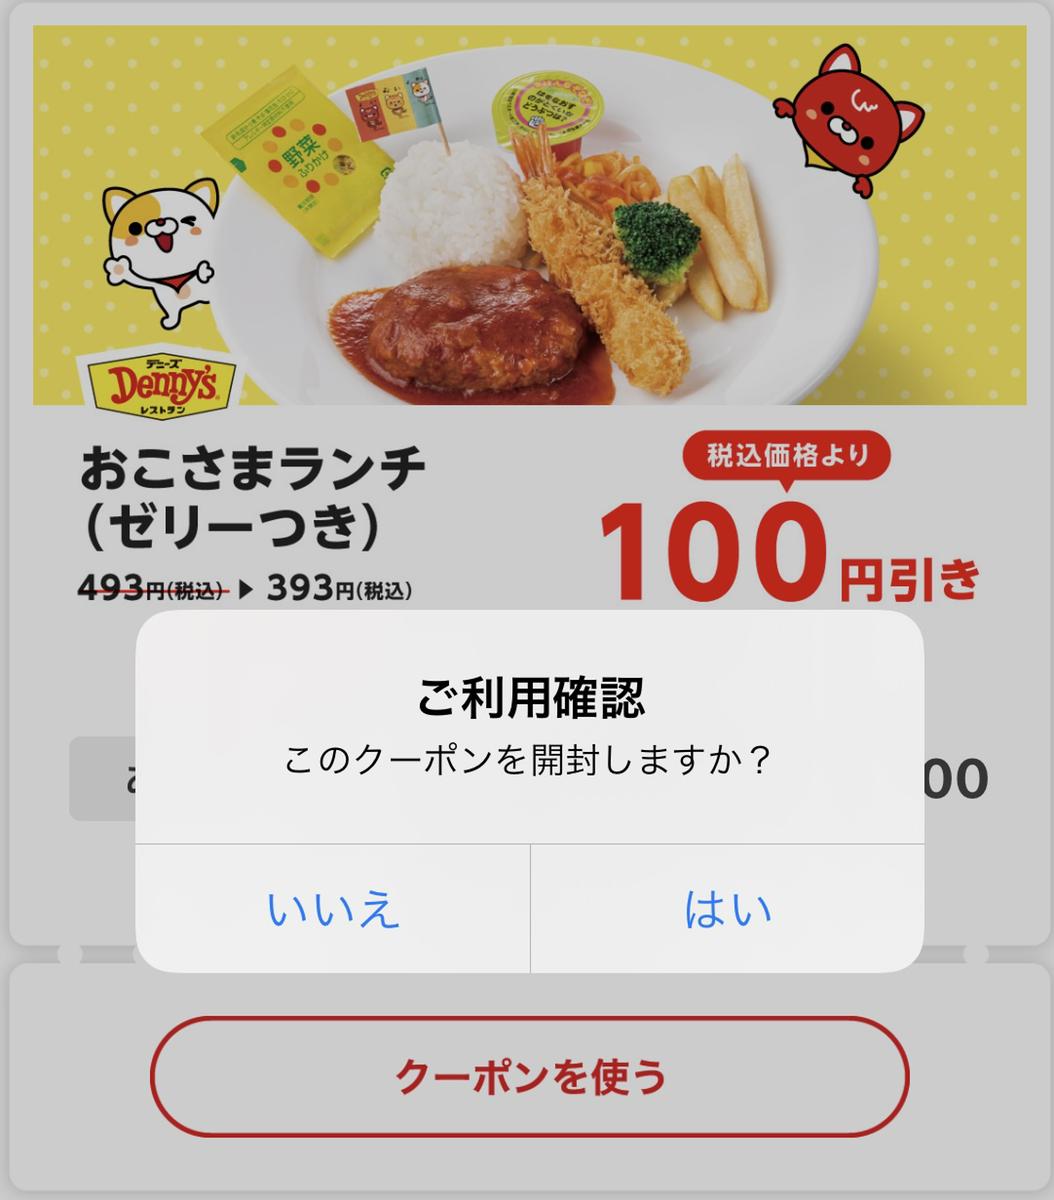 デニーズ公式アプリのスクショ